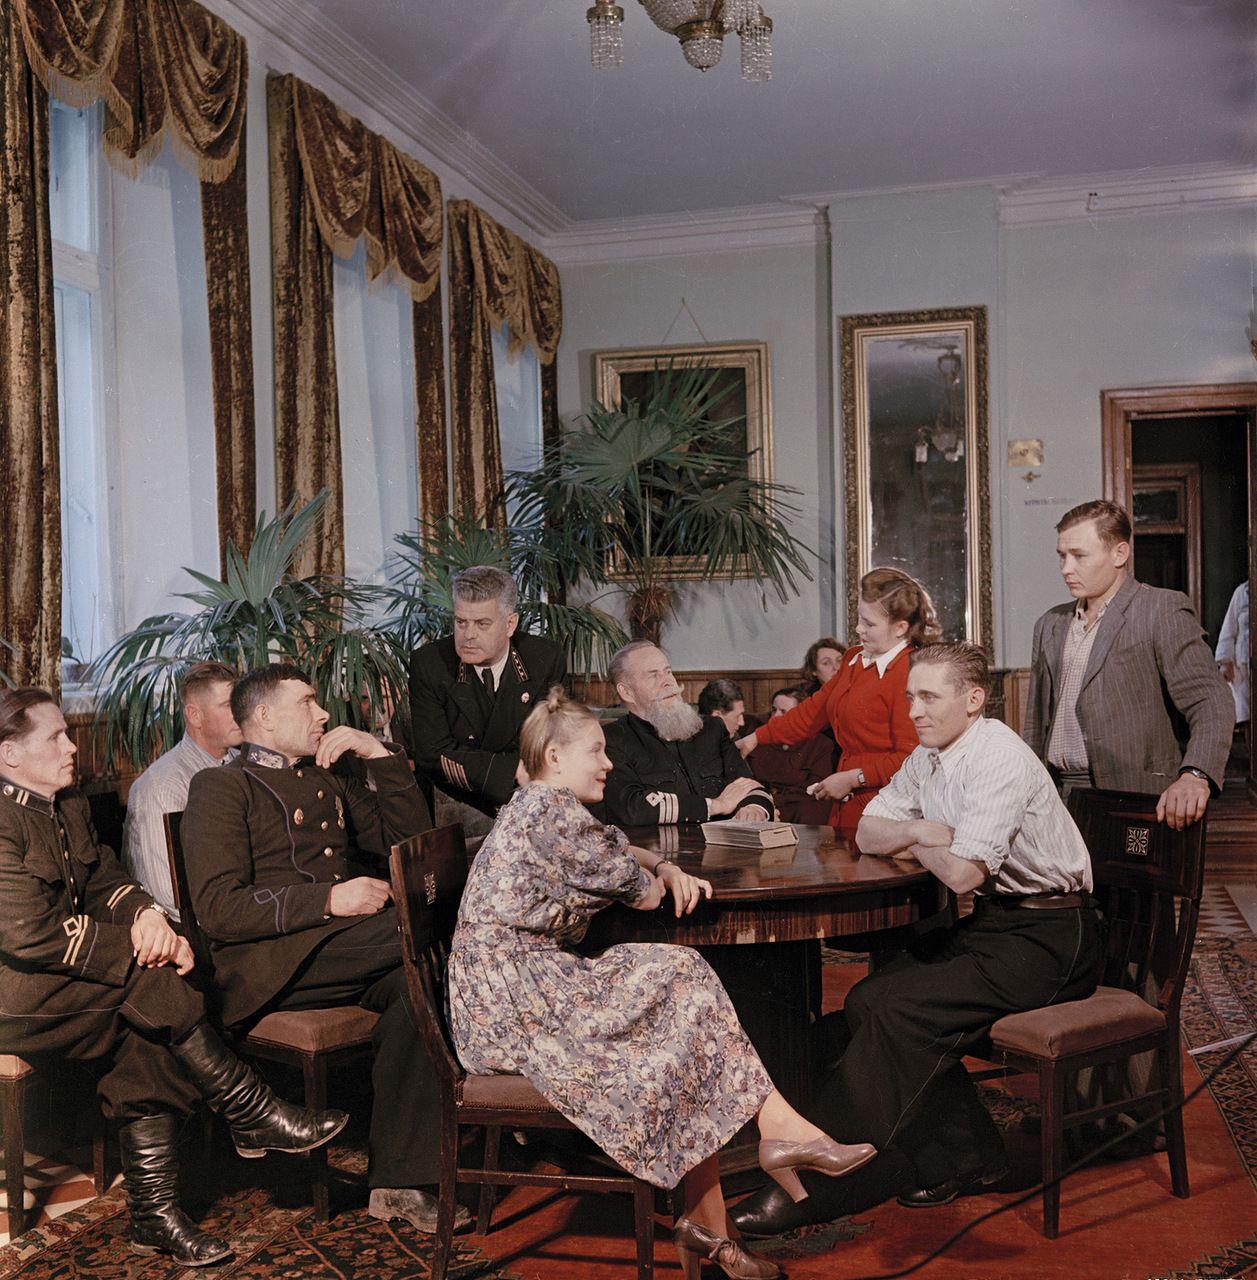 Подмосковный санаторий угольщиков, 1951